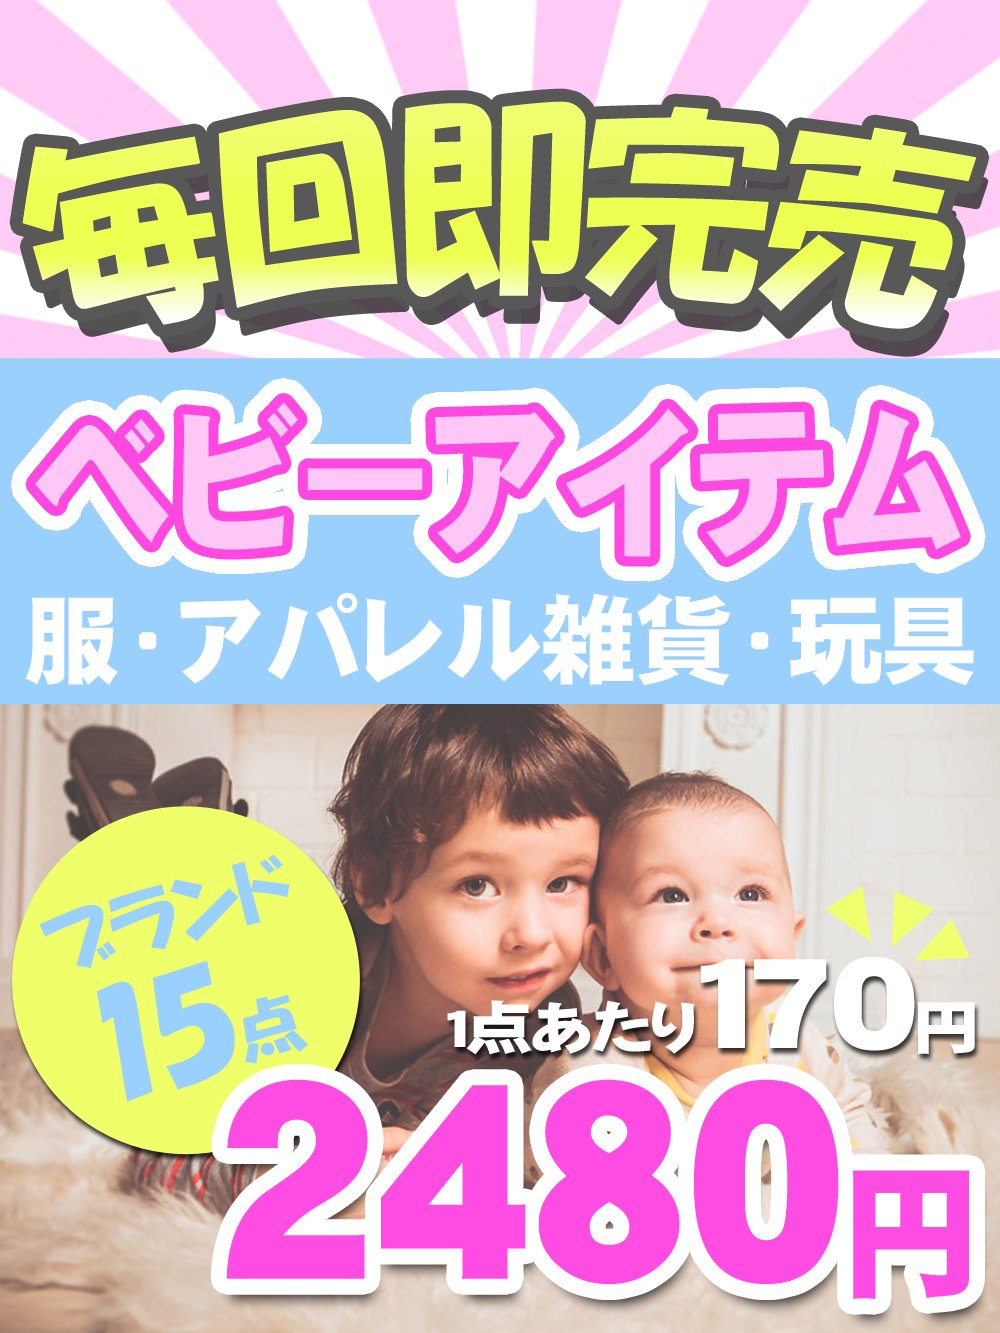 【 ★毎回即完売 ベビー用品★ 】服・アパレル雑貨・玩具【15点】@170